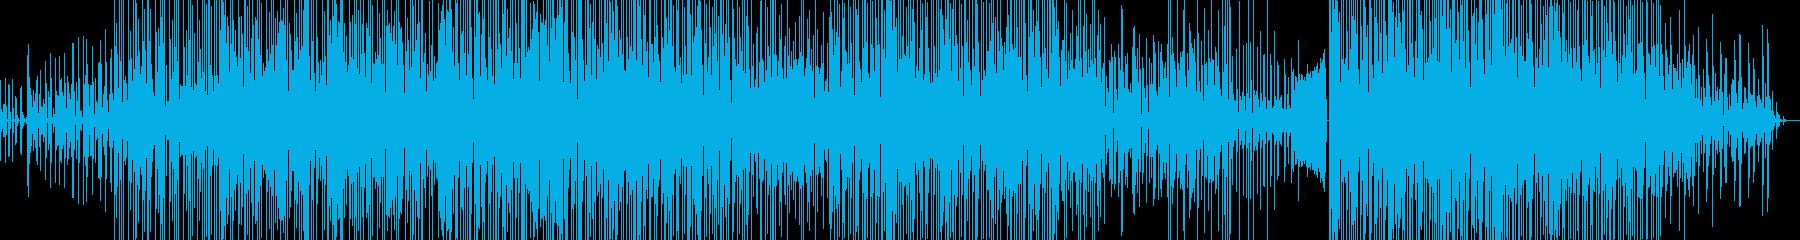 ギターメインのドラムンベースの再生済みの波形